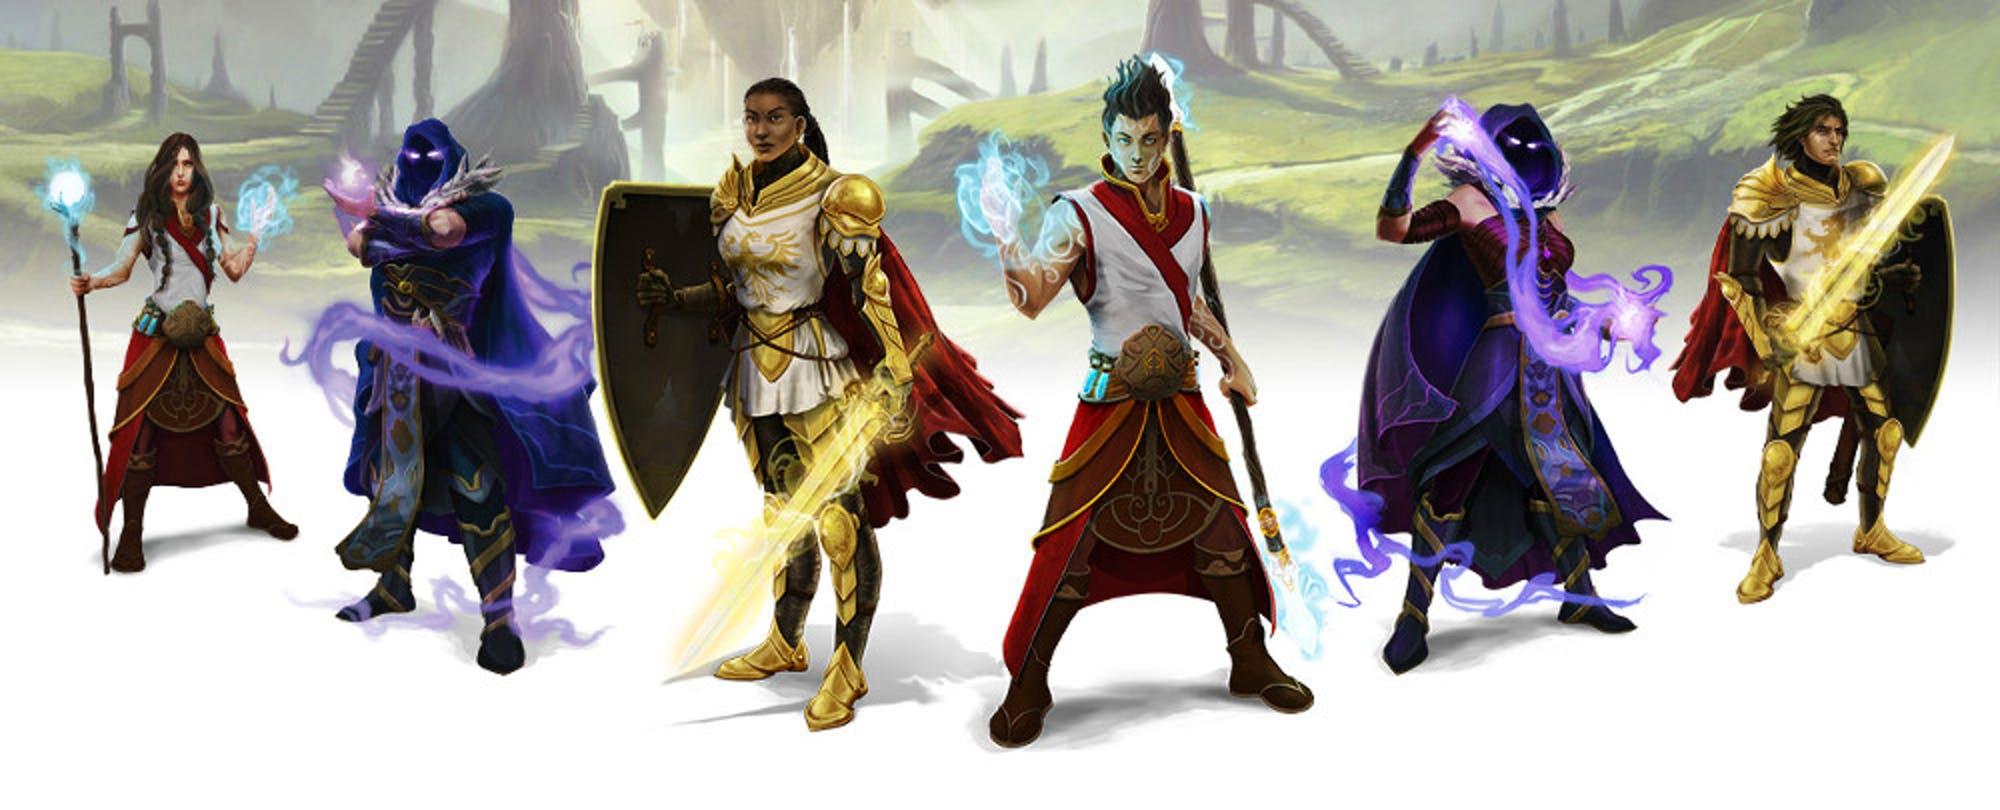 Classcraft: Where ClassDojo Meets World of Warcraft